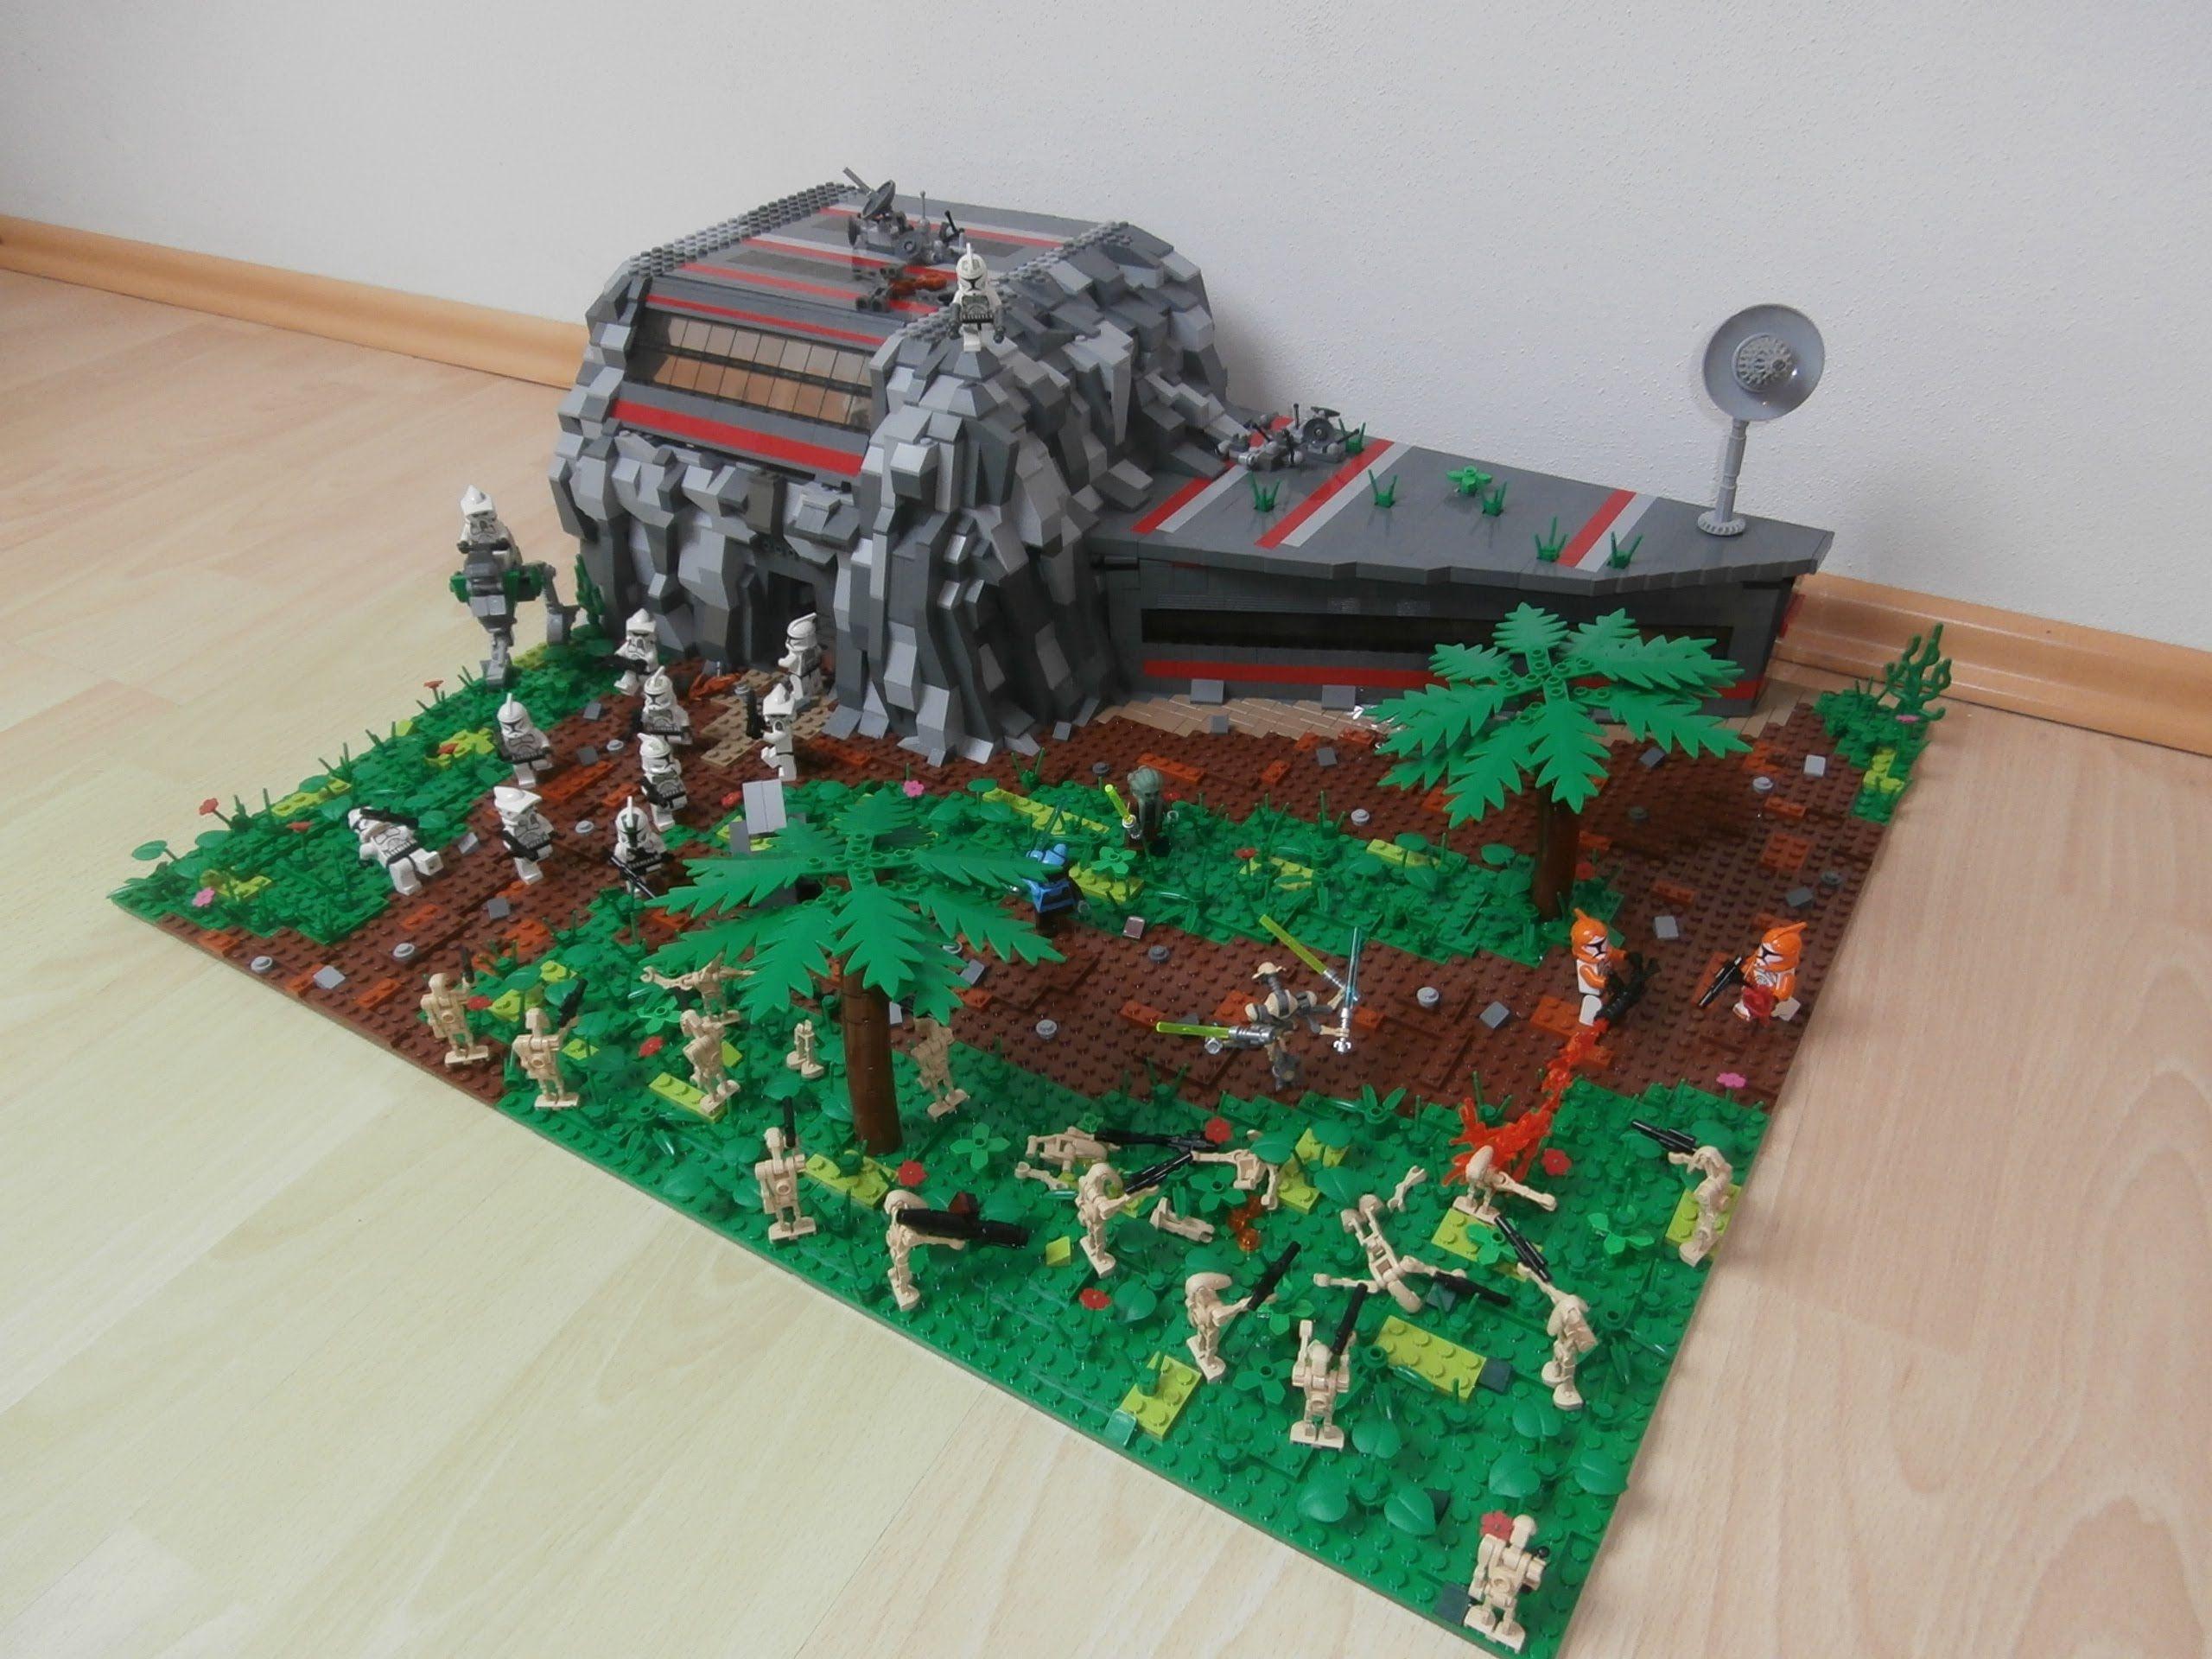 Lego Star Wars Clone Base Review Lego Starwars Moc Lego Star